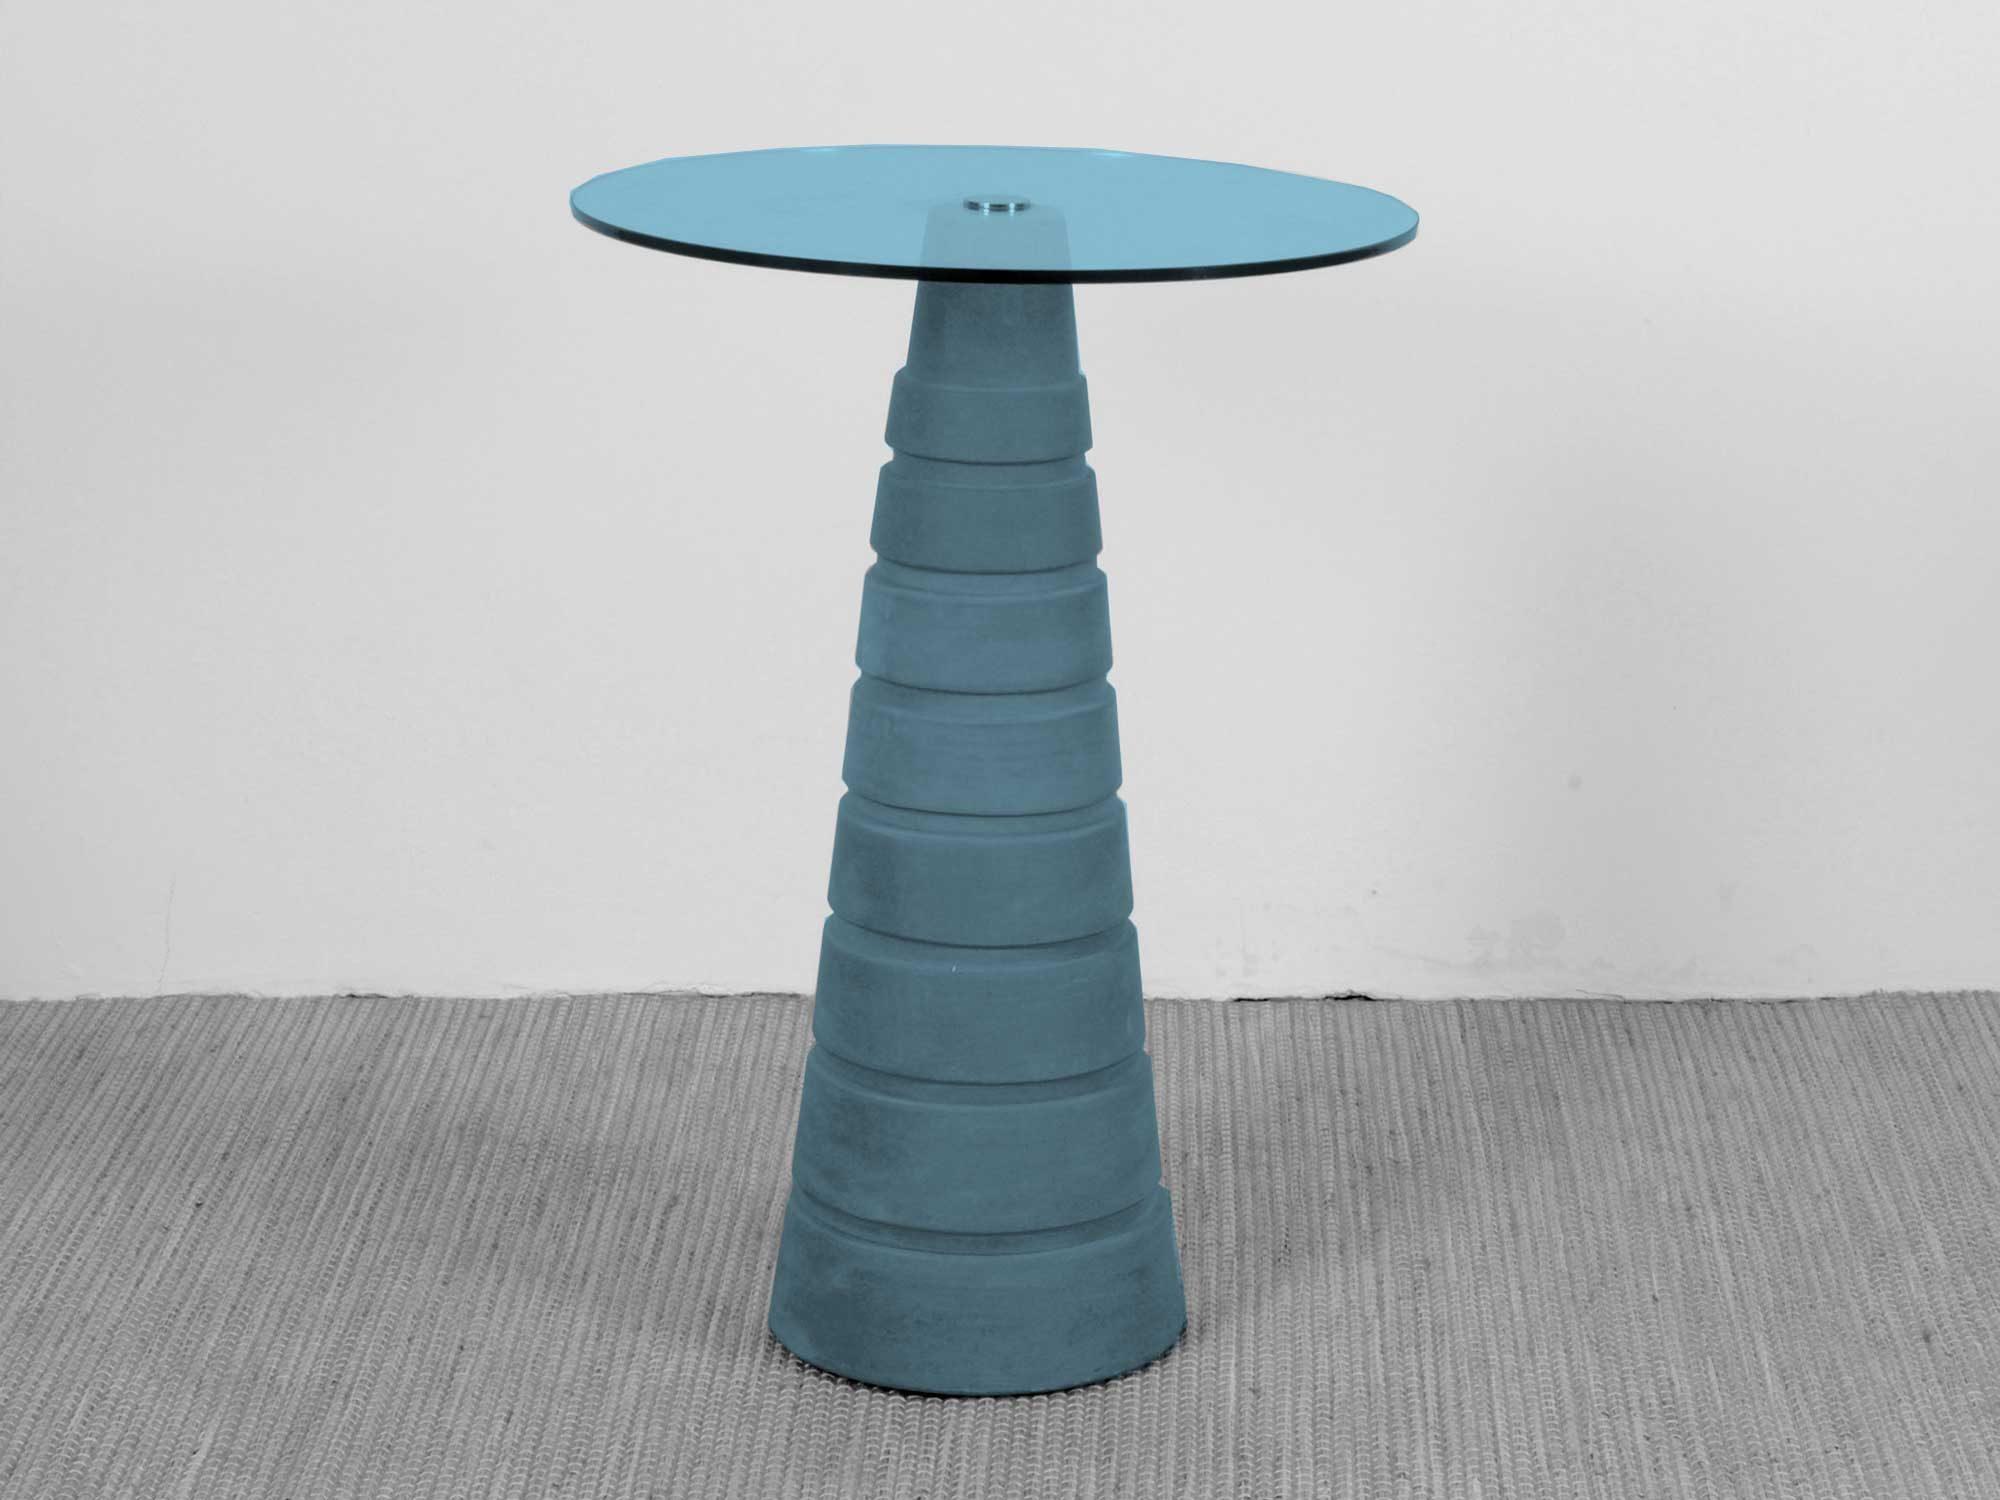 flower-top-table-jasper-morrison